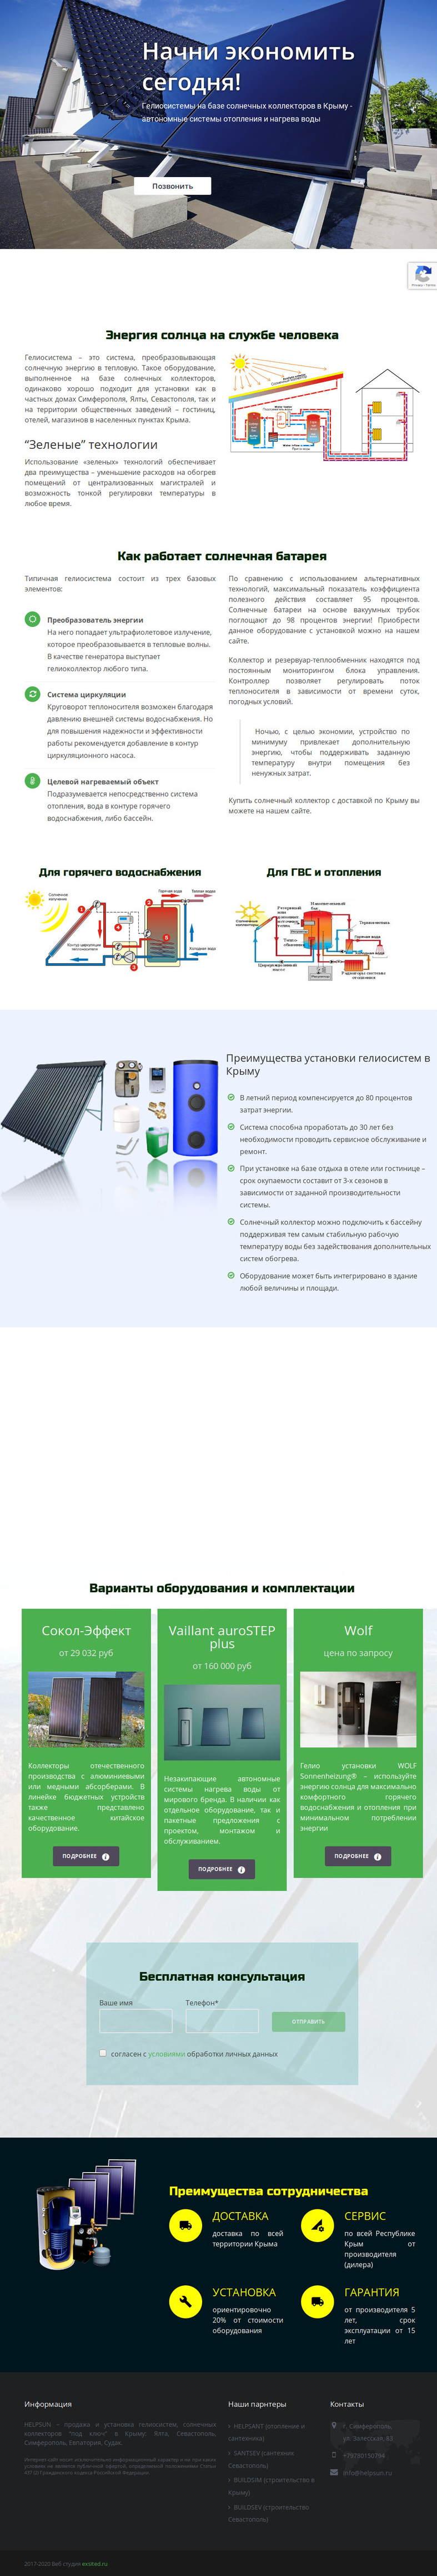 Создание сайта по гелиосистемам в Крыму